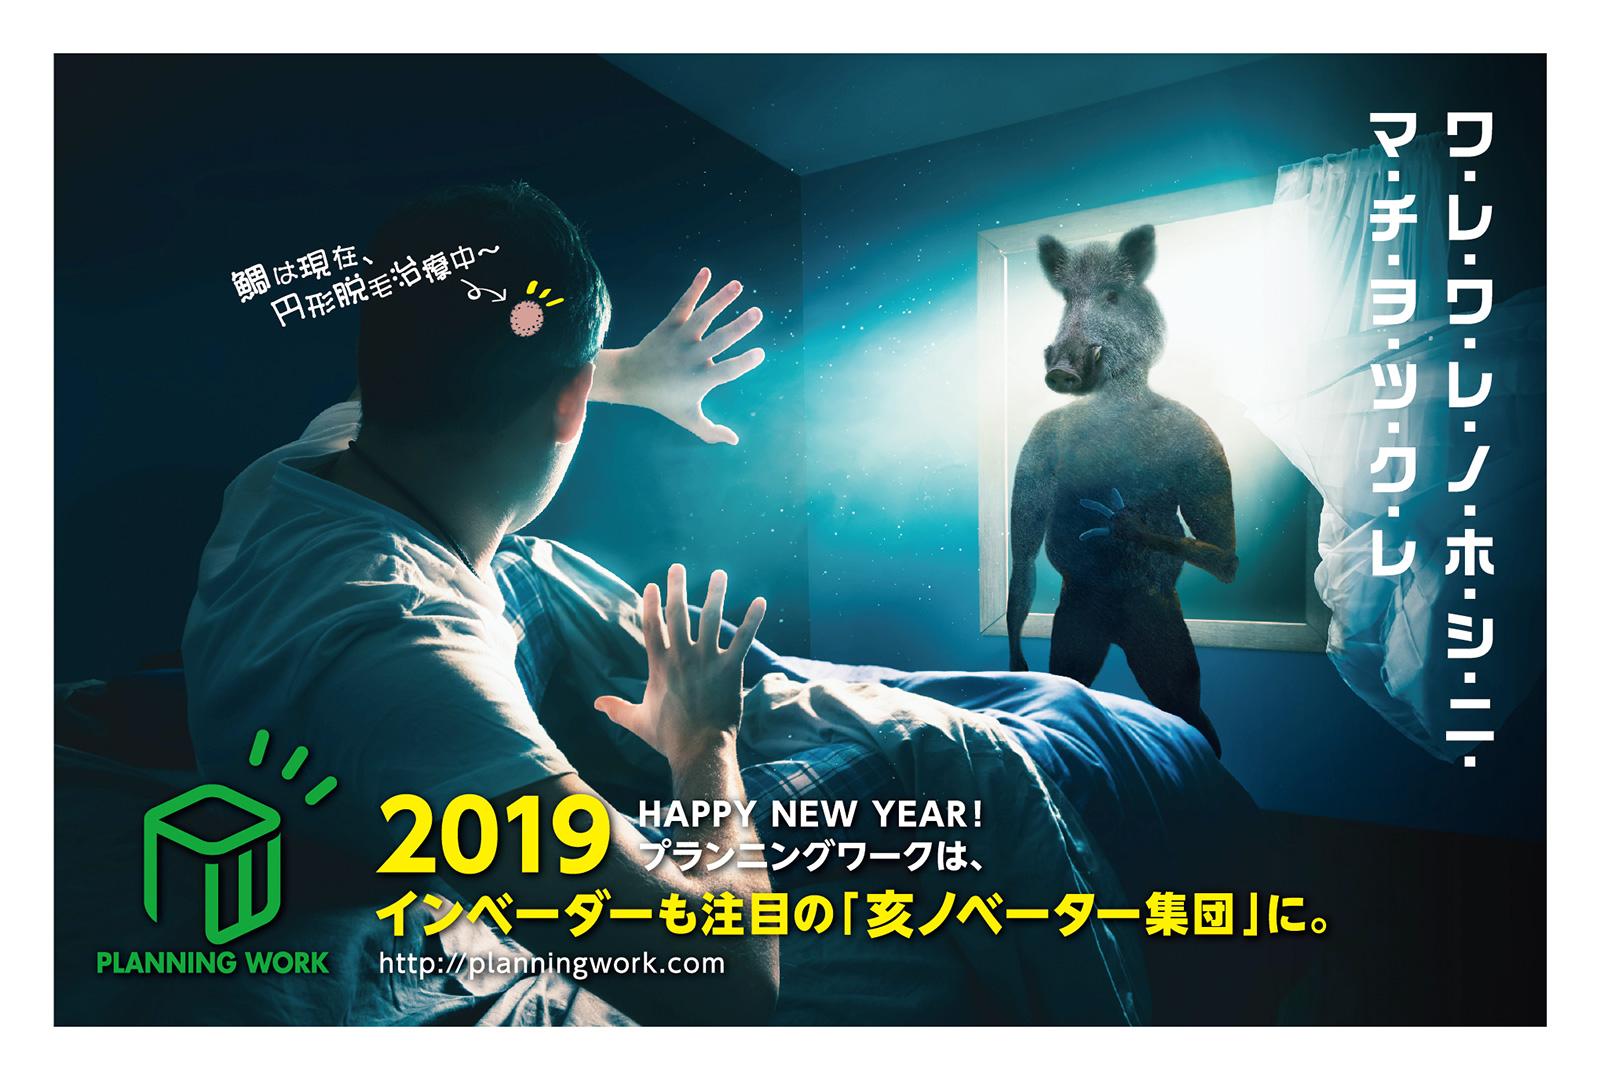 2019-プランニングワーク年賀状